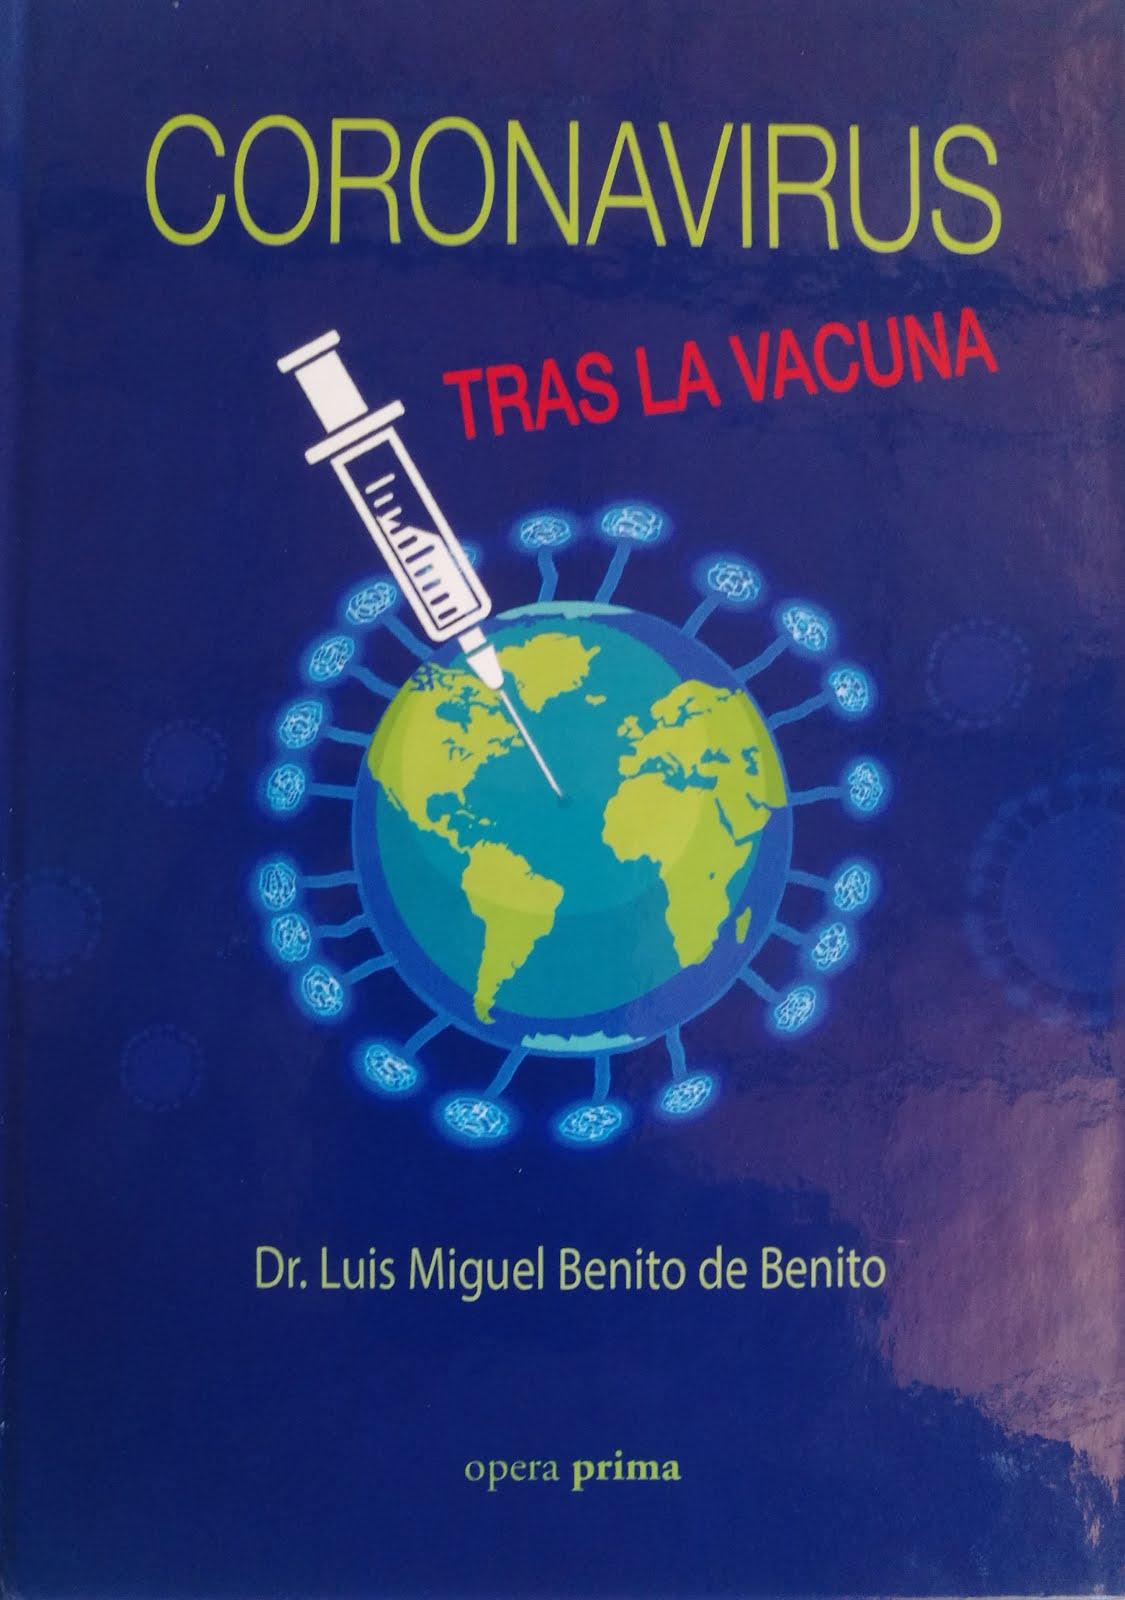 ¿Necesitamos de una vacuna?    CONSÍGUELO YA EN https://www.casadellibro.com/libro-coronavirus-tras